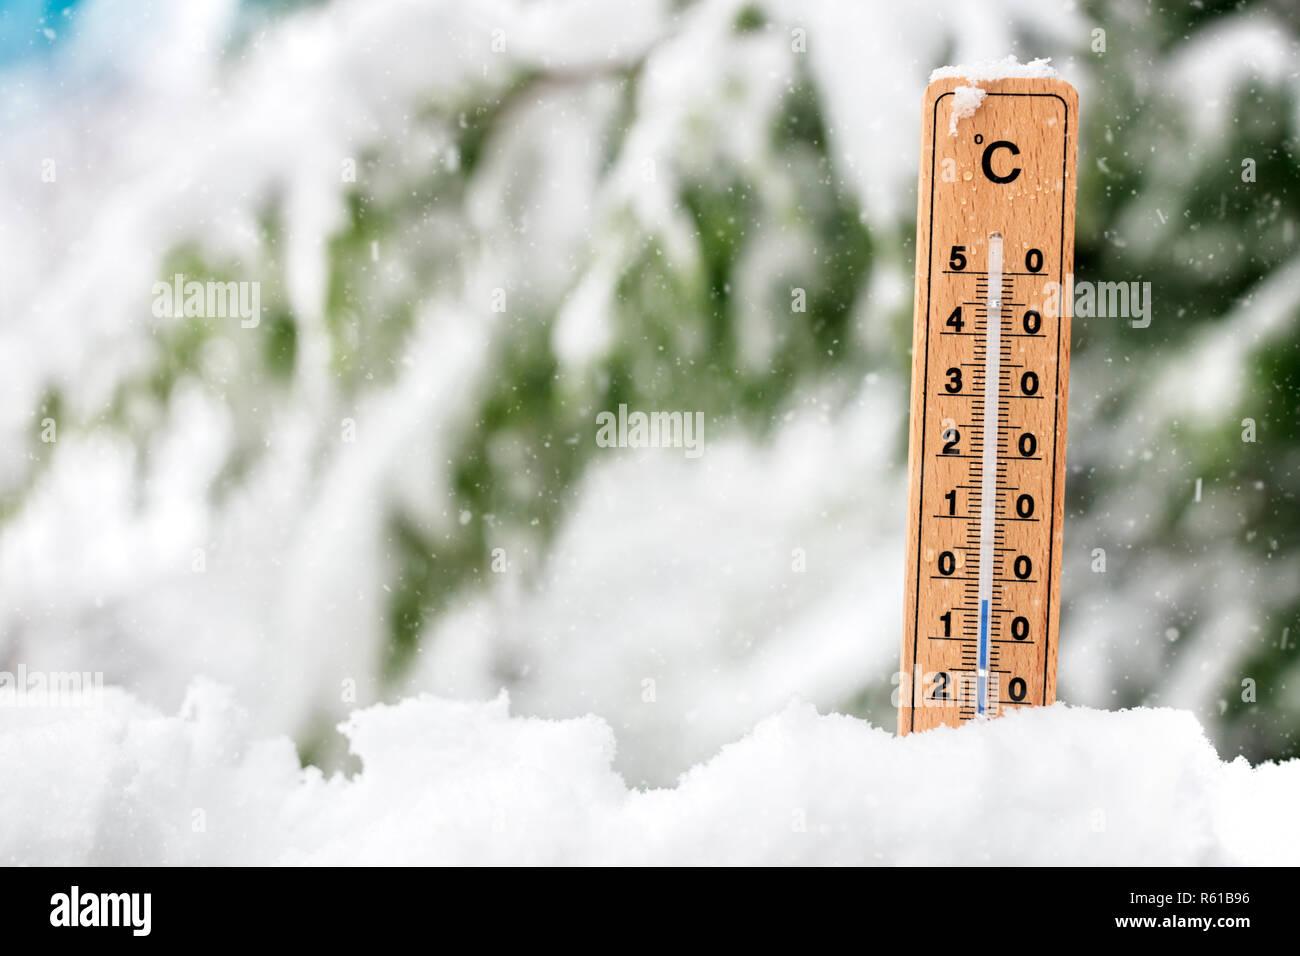 Termómetro de temperatura del frío mostrando en el concepto de nieve durante el invierno Foto de stock